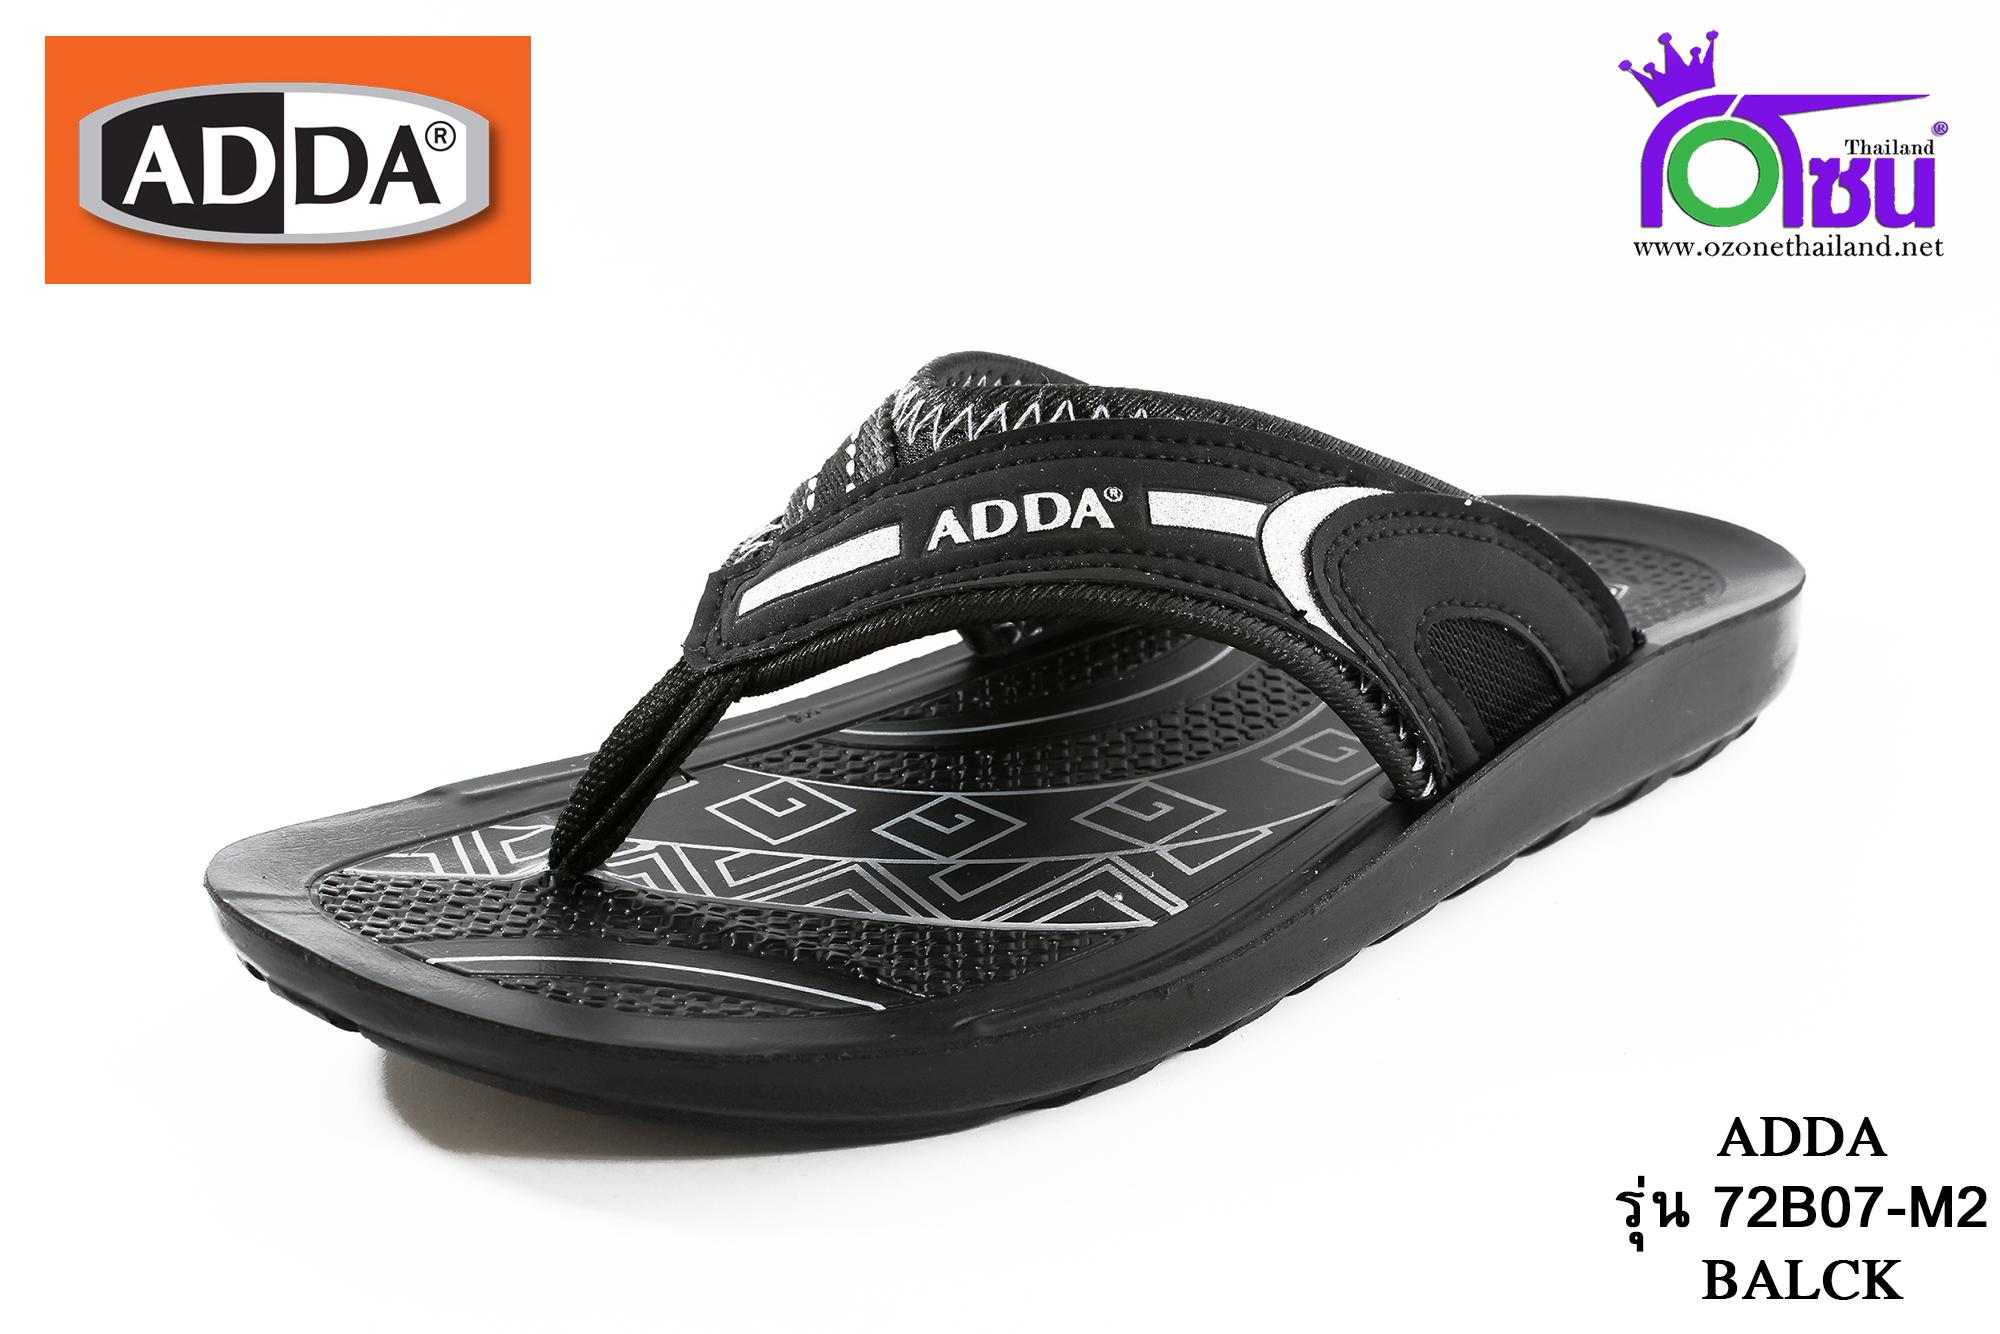 รองเท้าแตะหนัง ADDA แอดด๊า รหัส 72B07 สีดำ เบอร์ 39-43